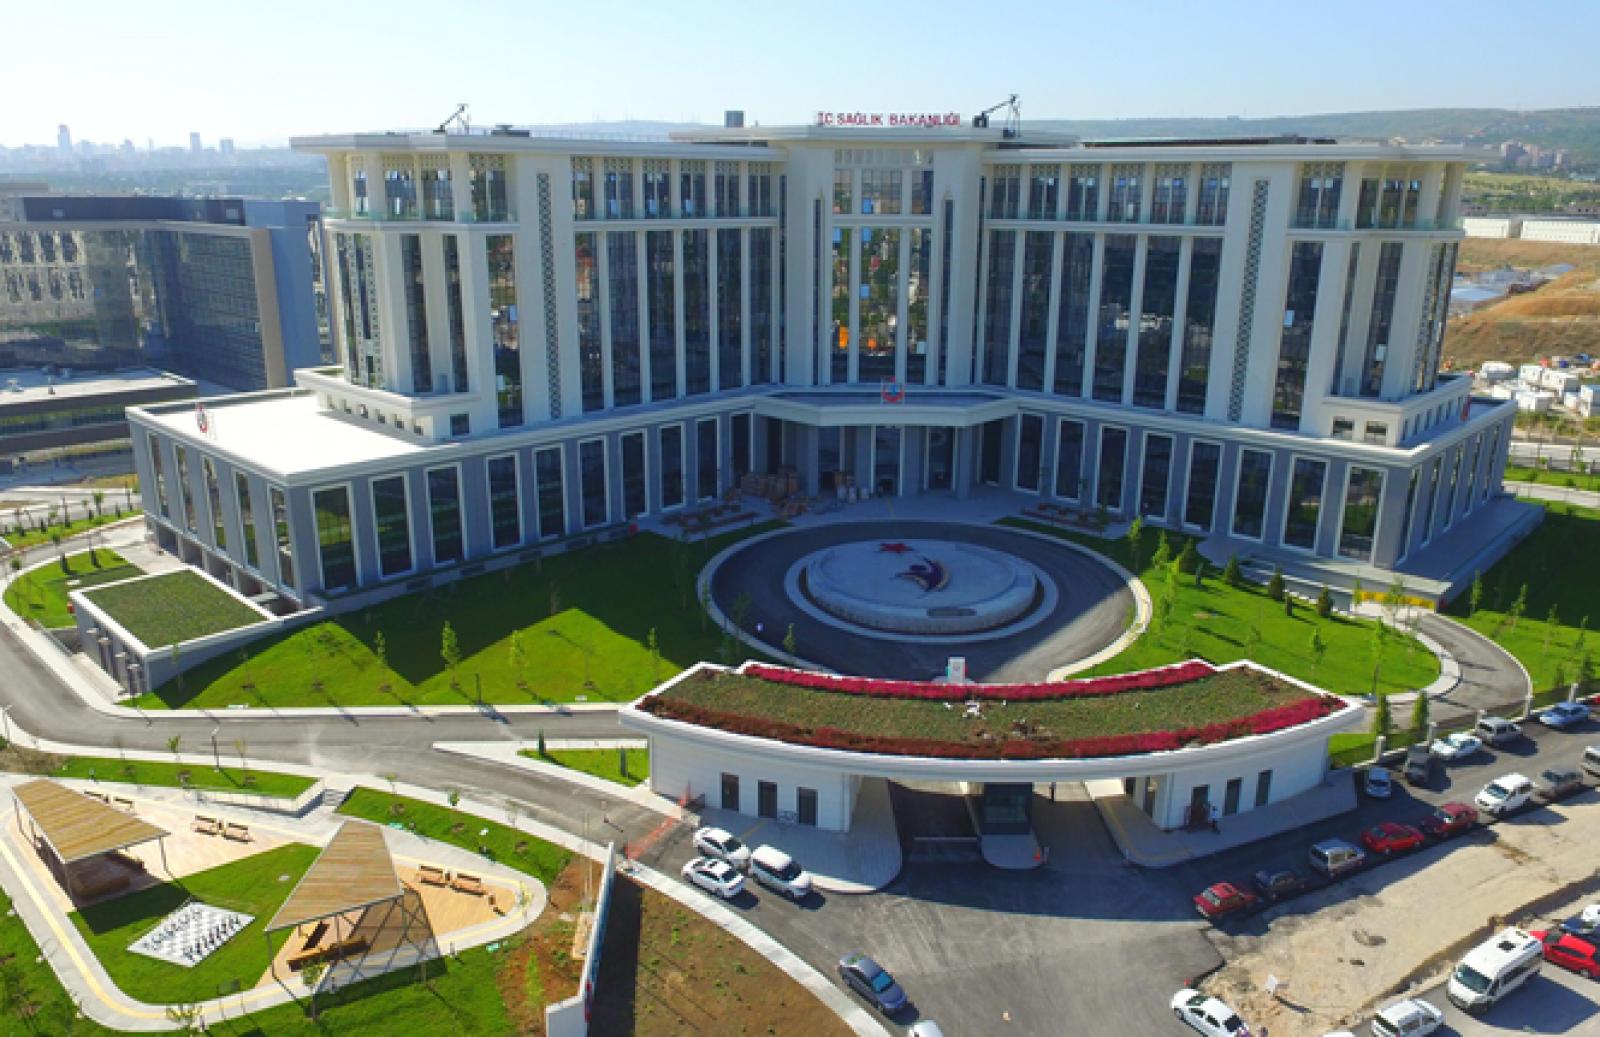 Sağlık Bakanlığı Binası